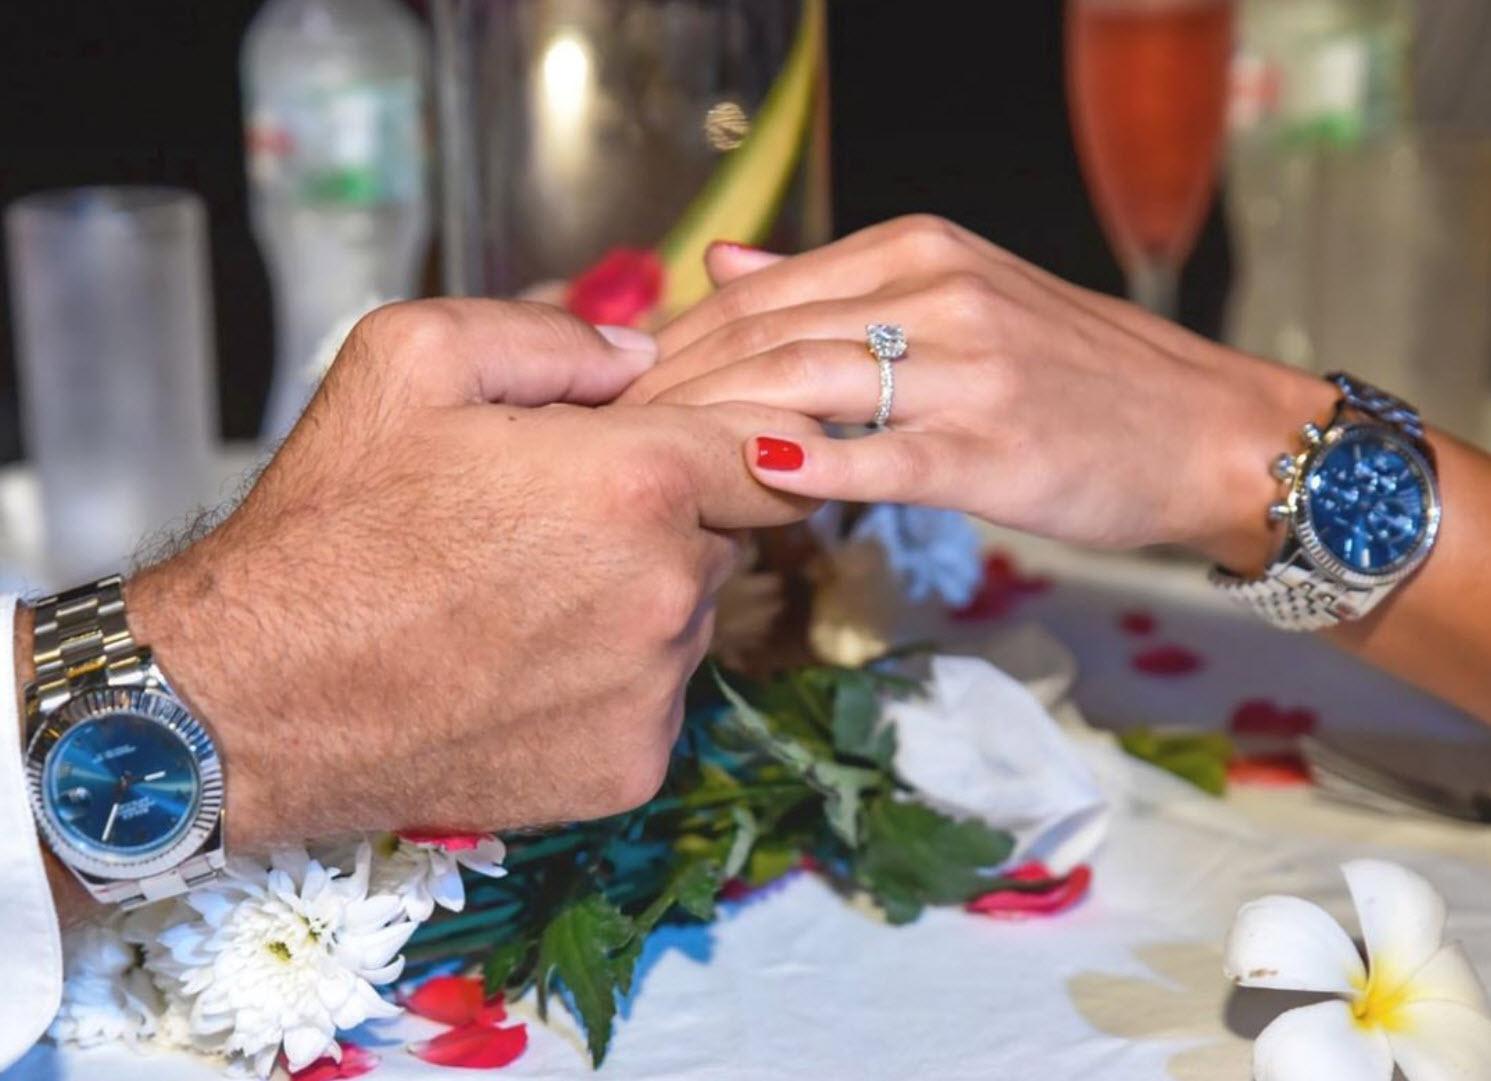 מרגש: יוצא האח הגדול הציעה נישואים והיא אמרה כן!